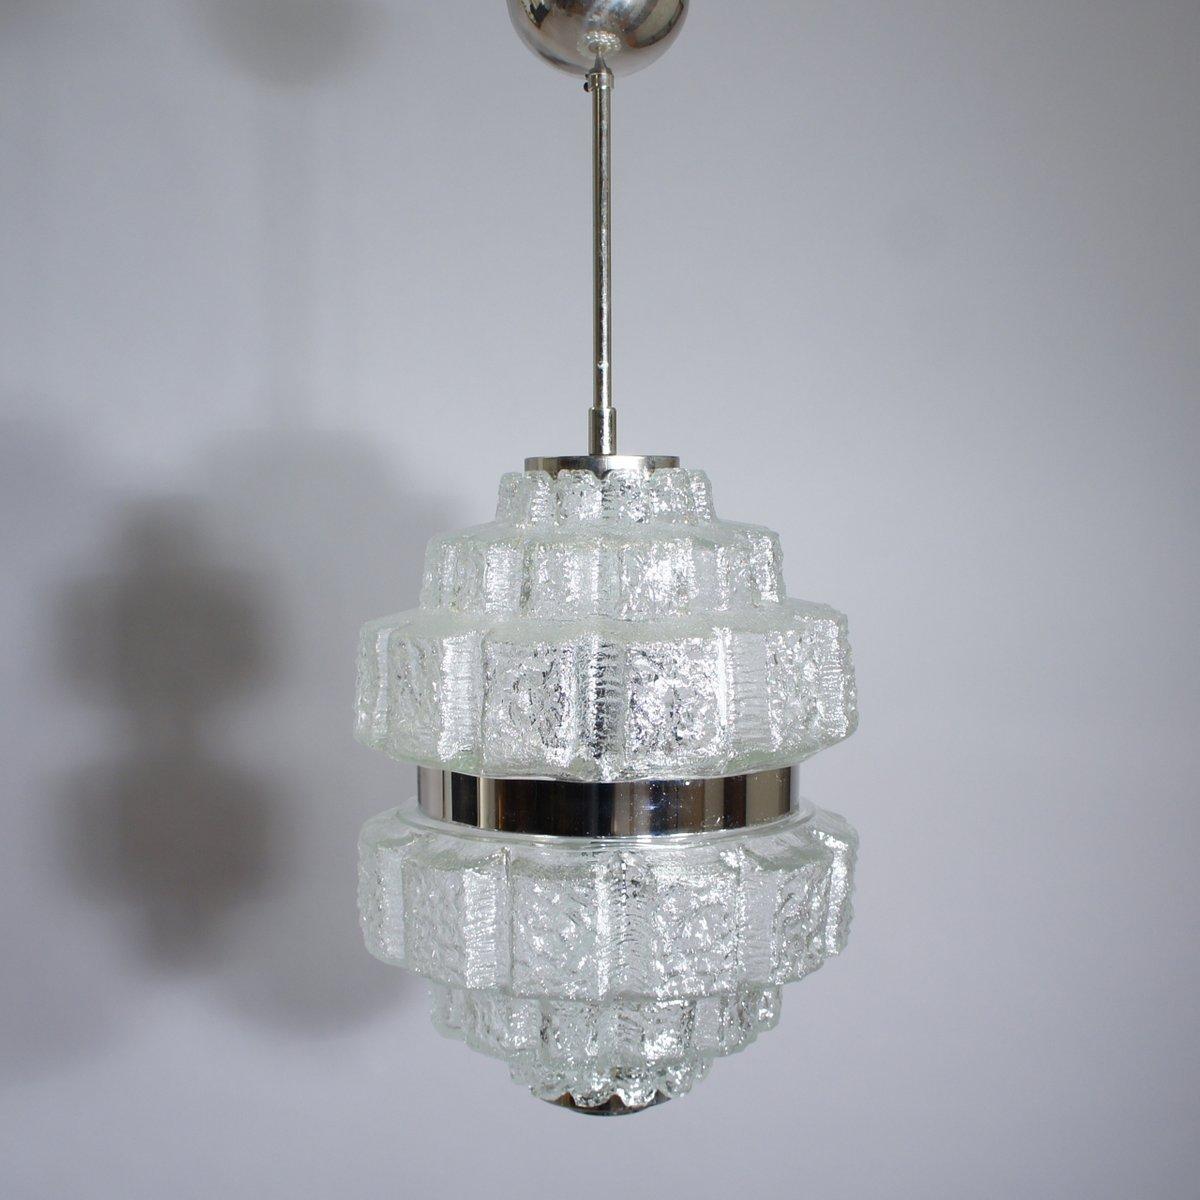 Deckenlampe aus Glas & Verchromten Metall, 1960er